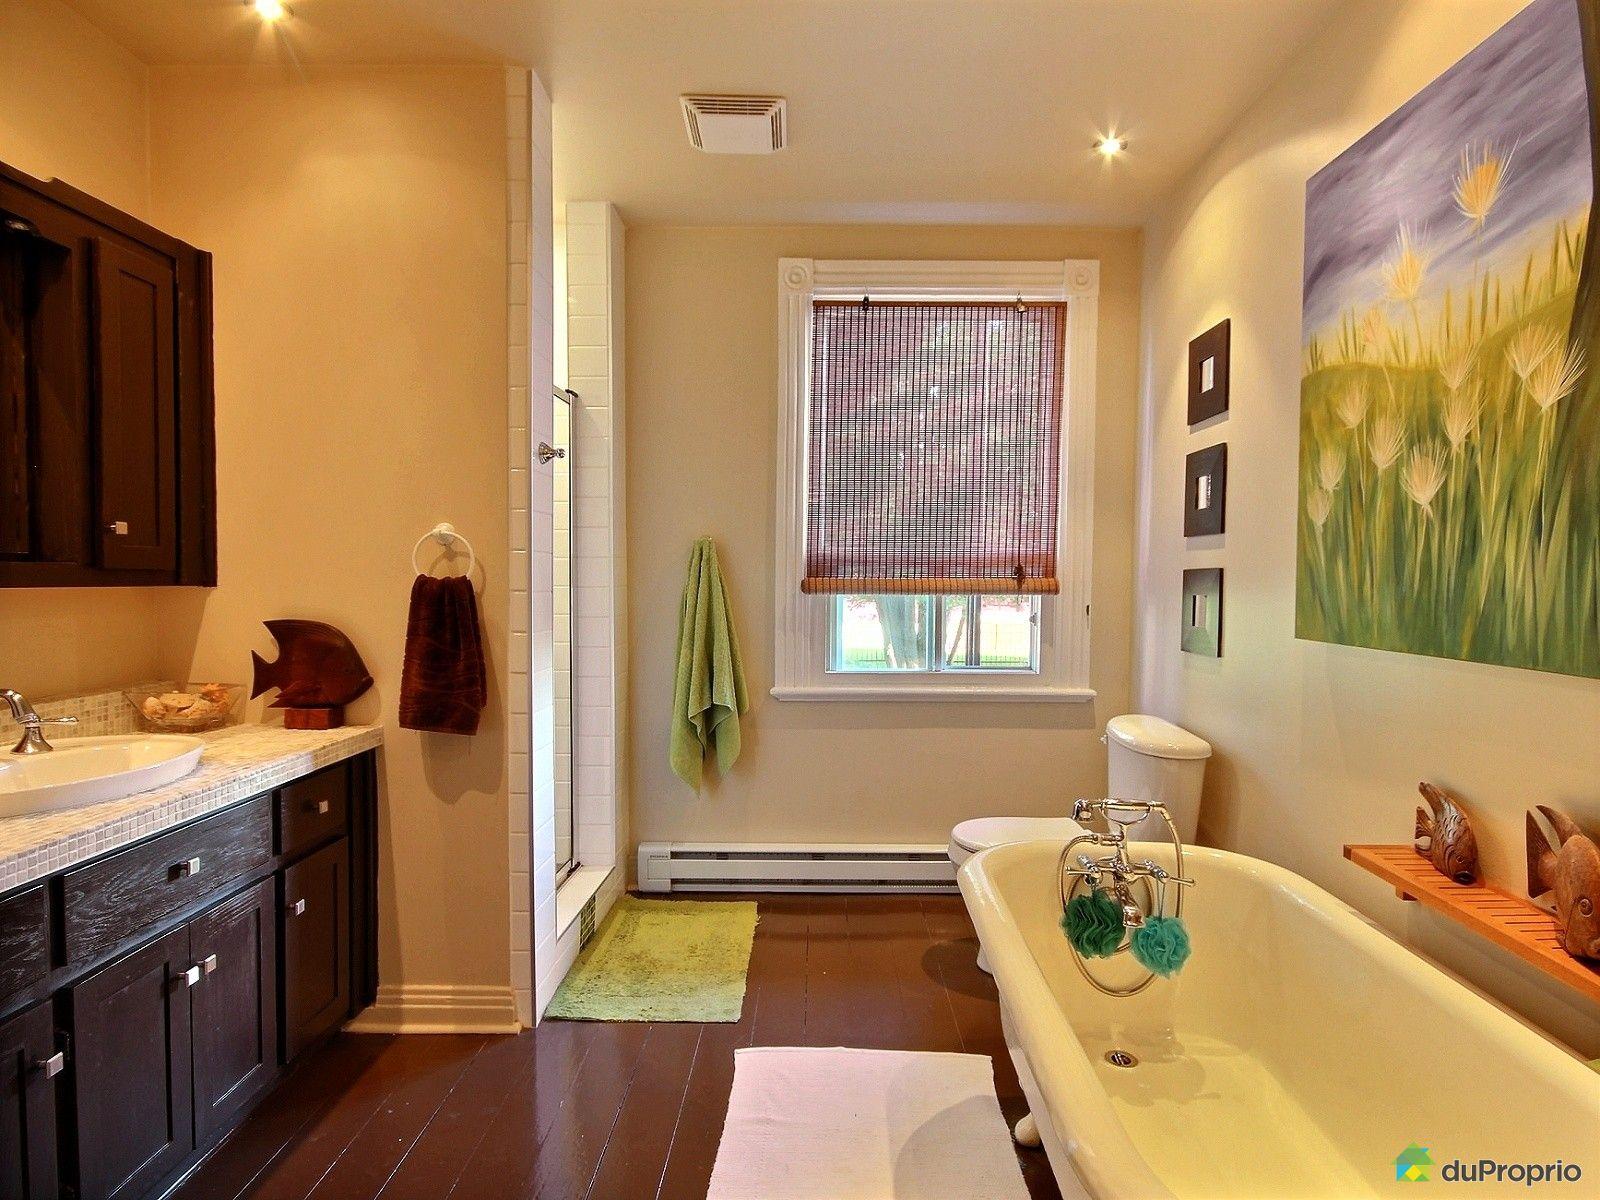 Maison vendu st j r me immobilier qu bec duproprio 525534 for Accessoire salle de bain st jerome